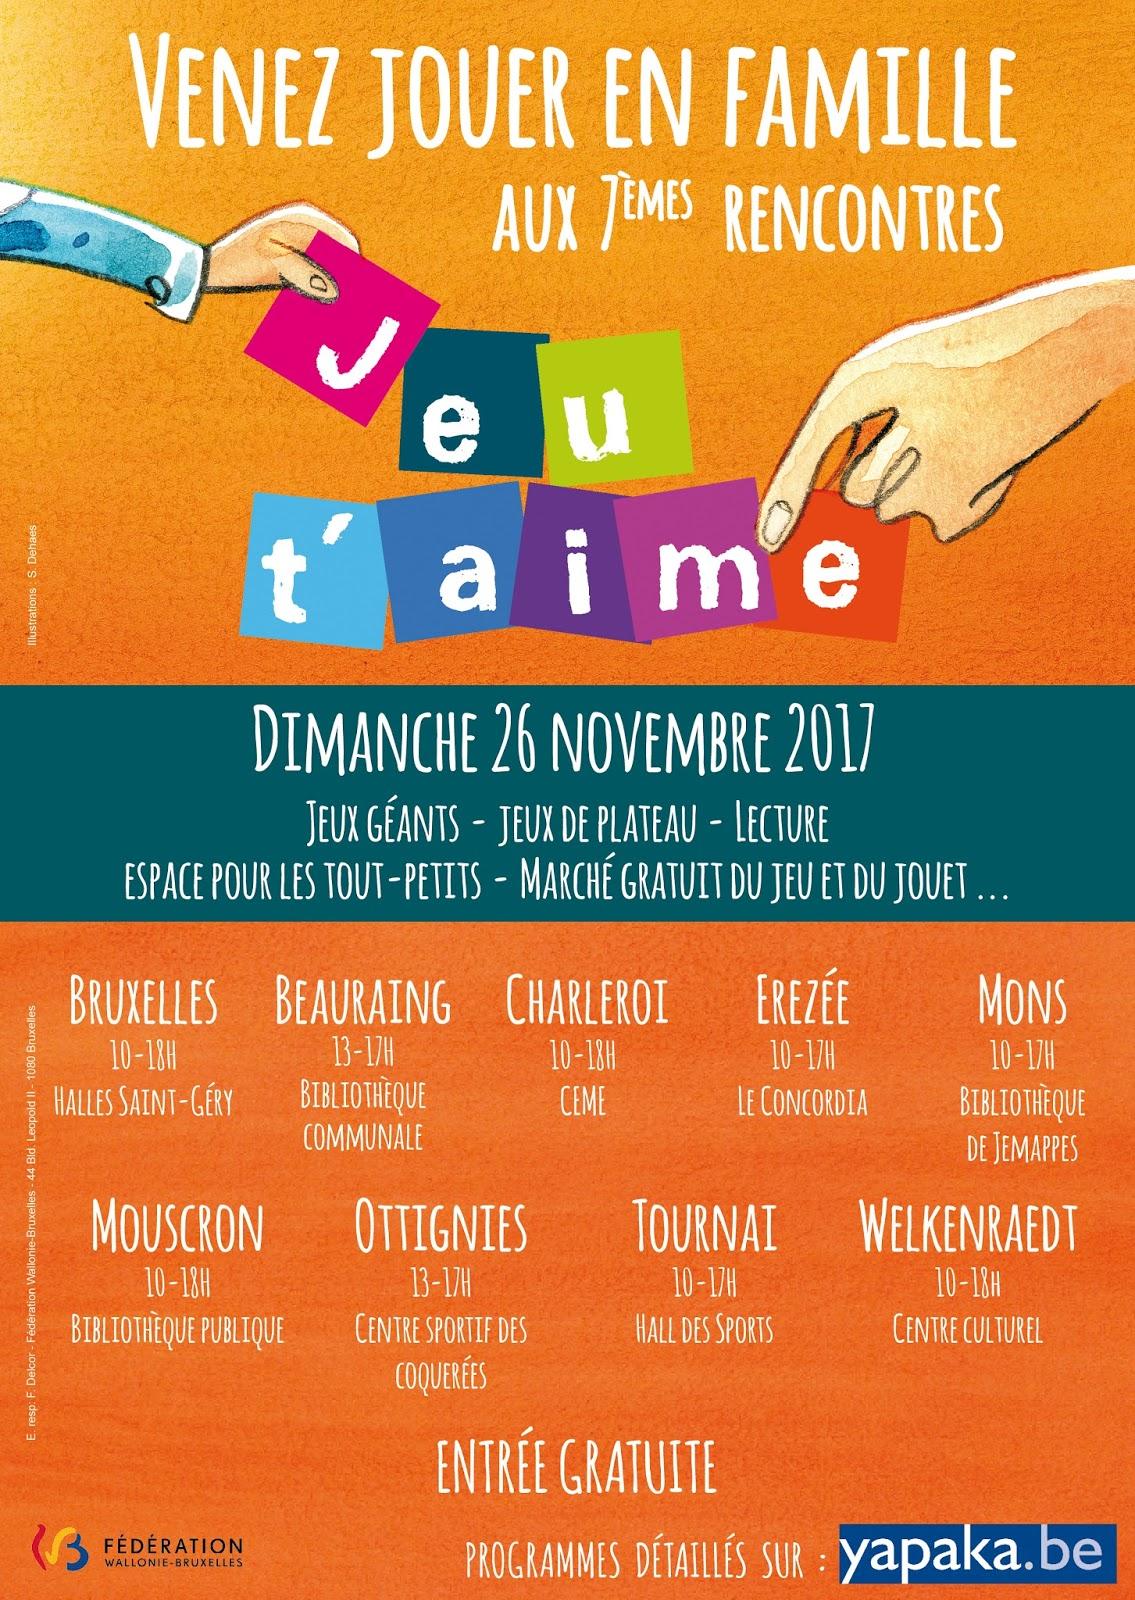 Rendez-vous Jeu t'aime – Un projet coordonné par lentracte-gerland.fr